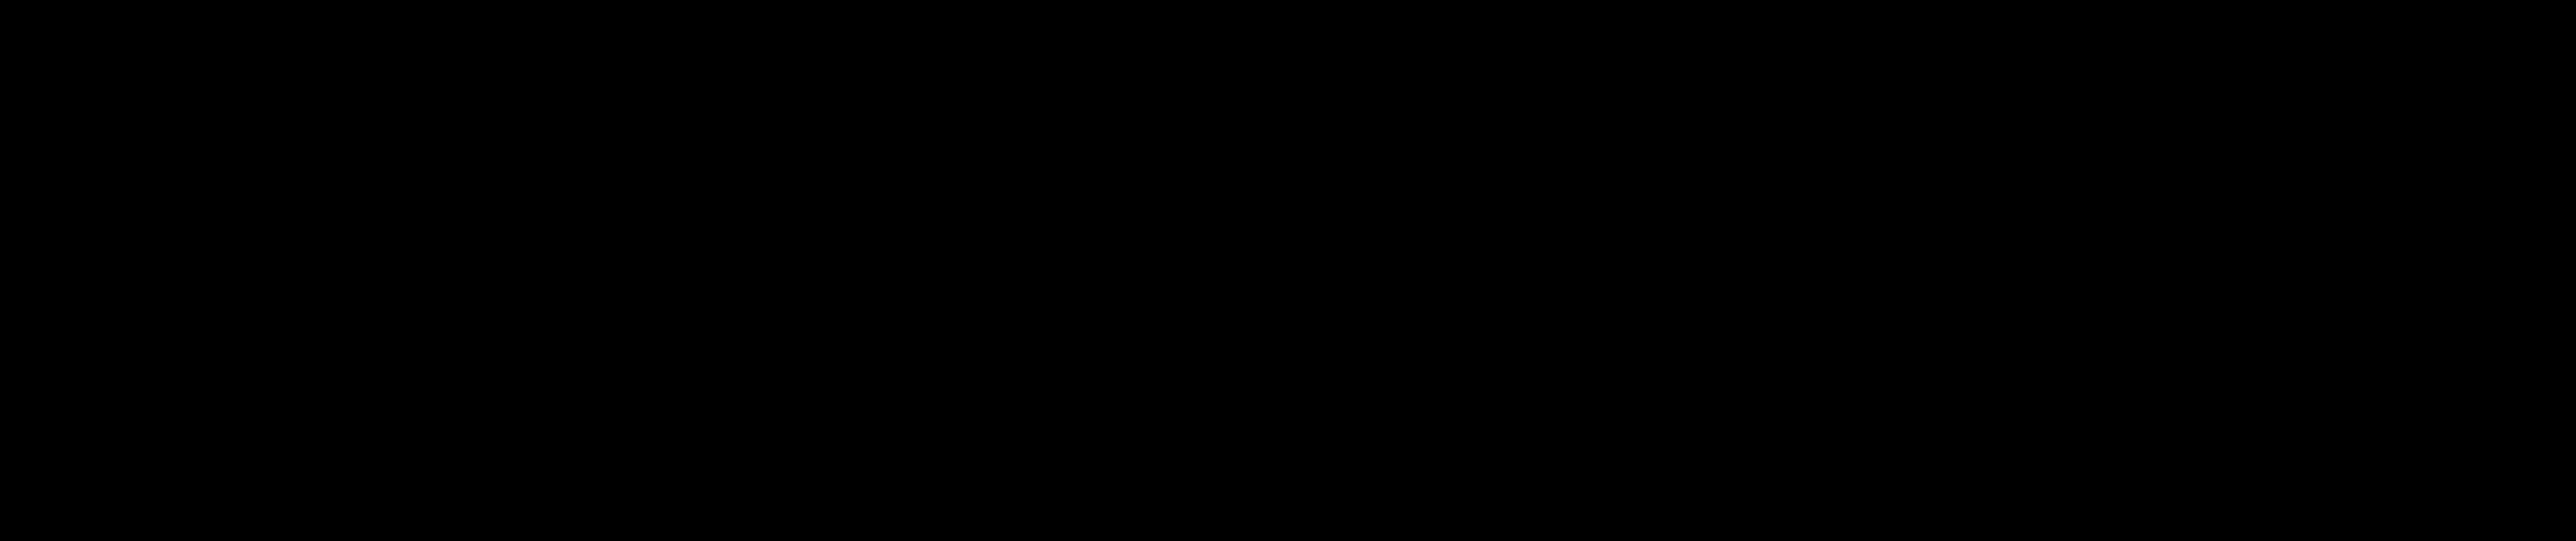 Resultado de imagen para PNY logo